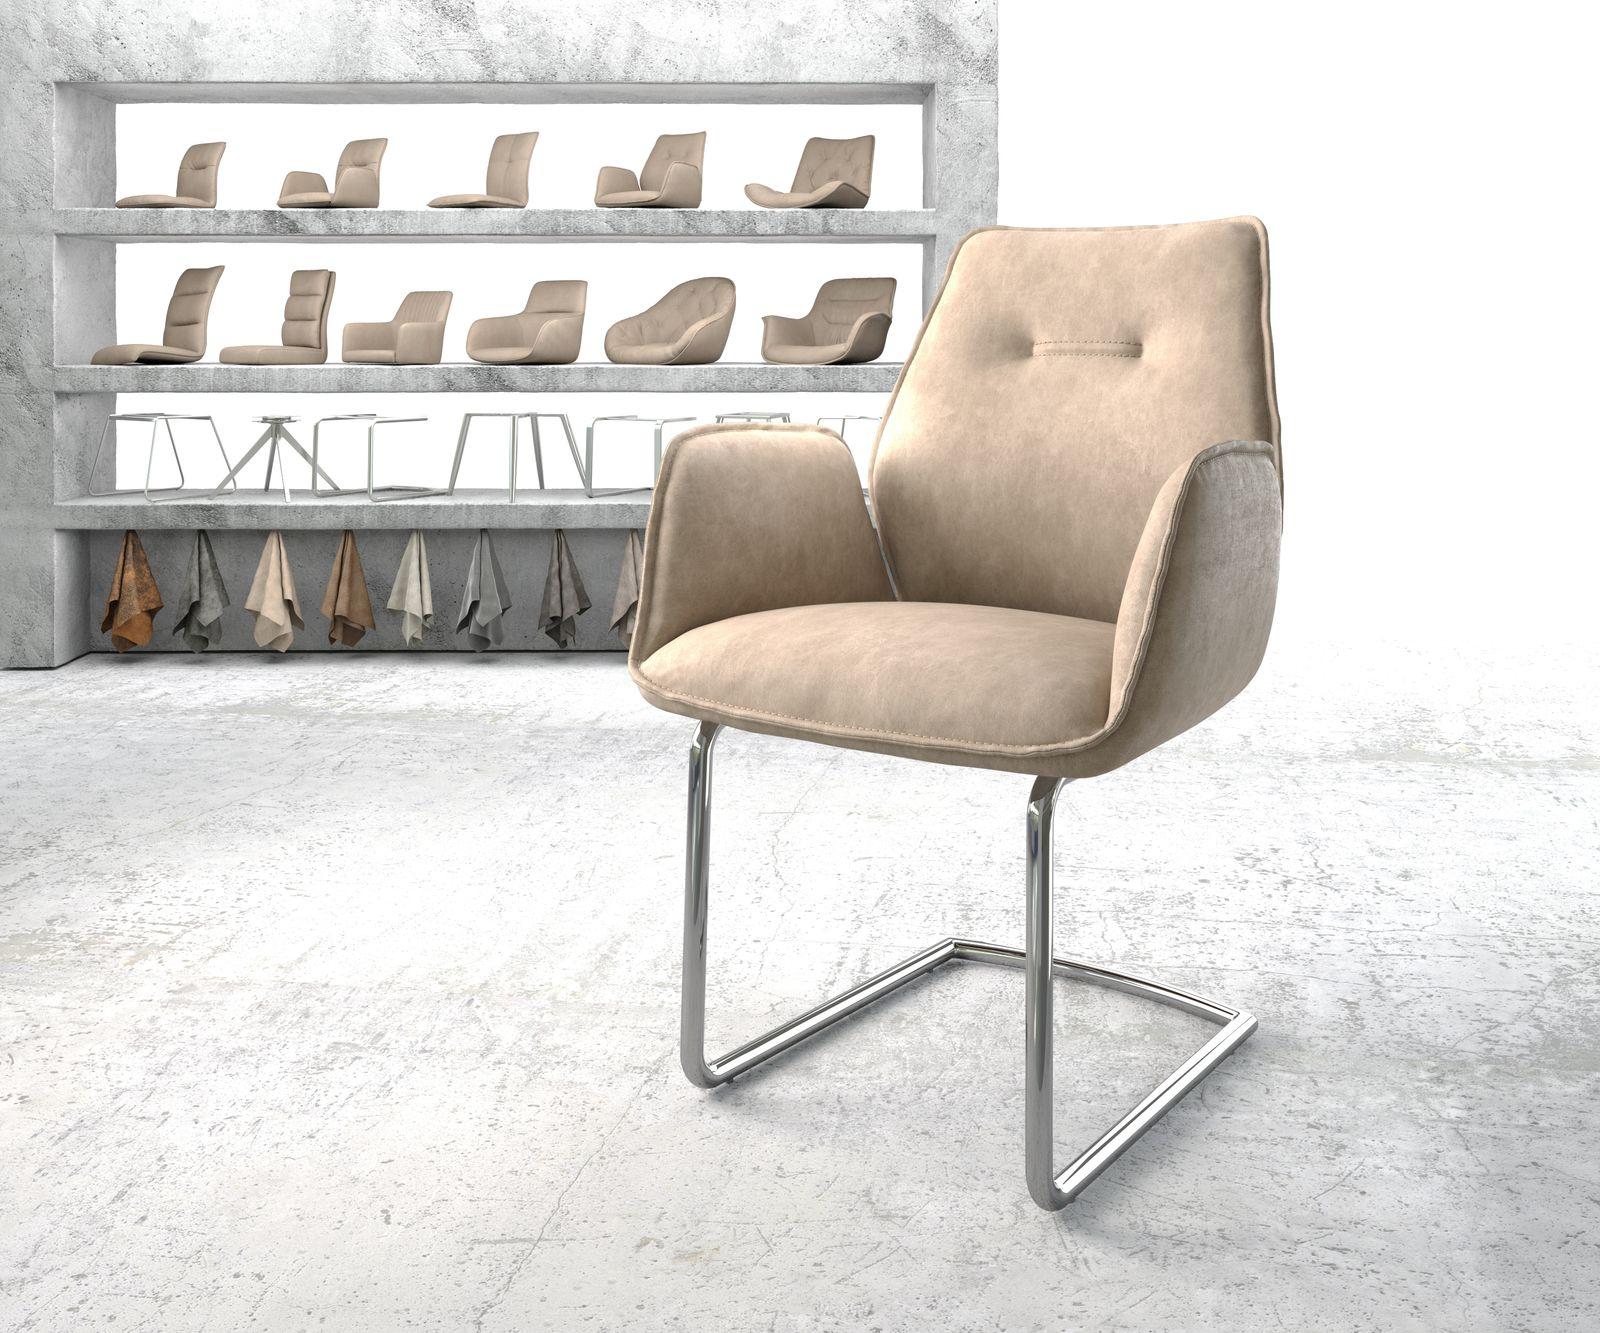 delife-armlehnstuhl-zoa-flex-beige-vintage-freischwinger-rund-verchromt-esszimmerstuhle